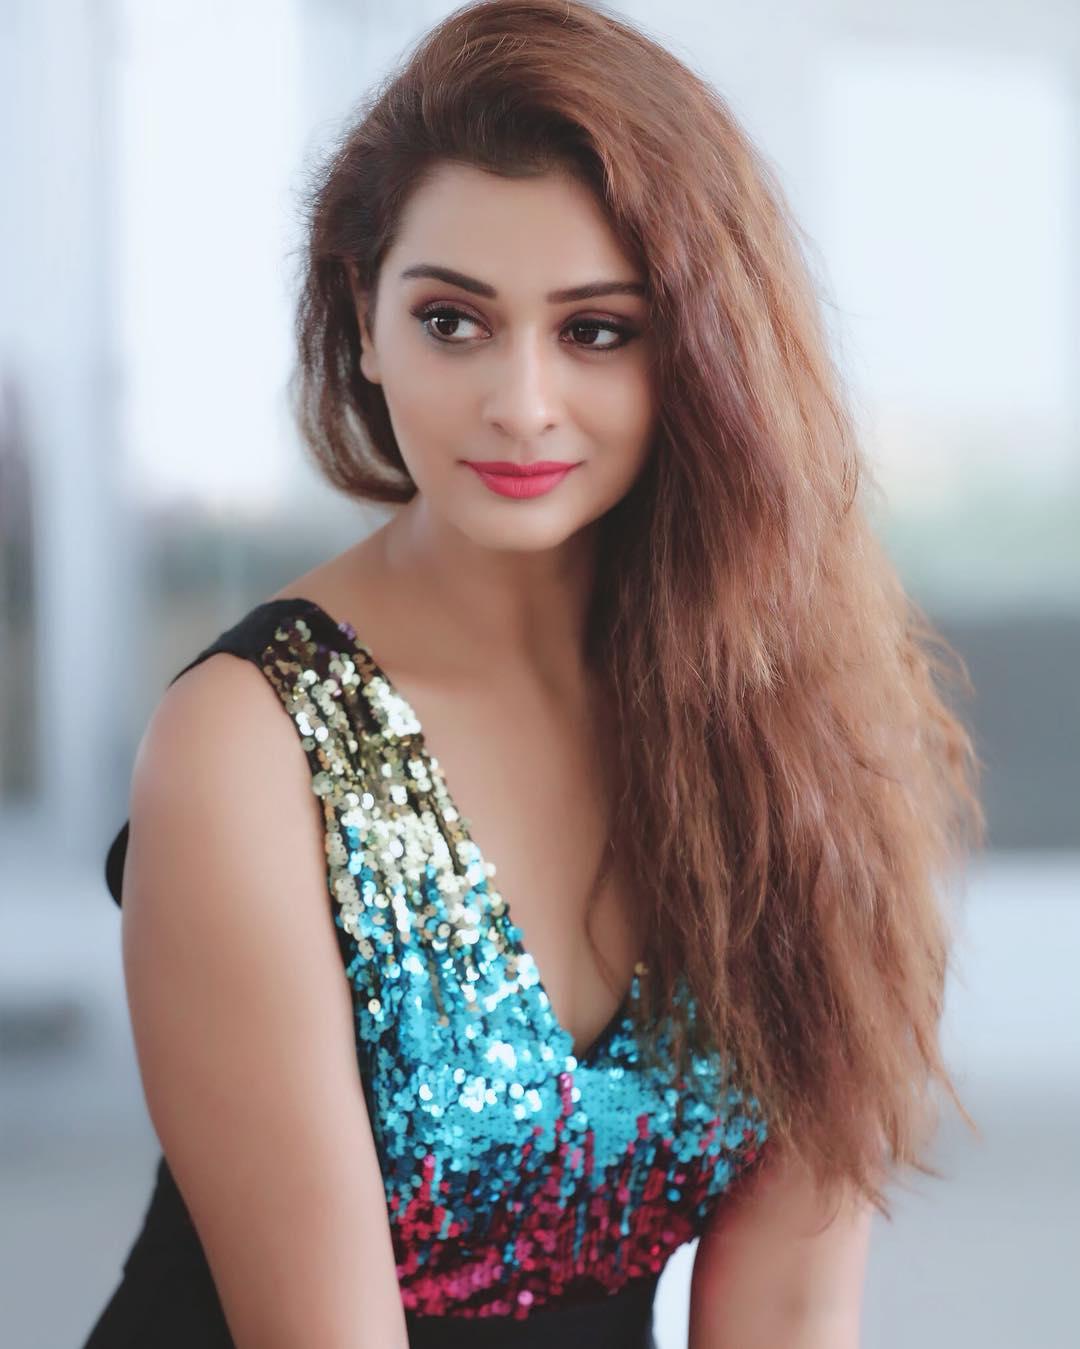 RX100 actress Payal Rajput instagram hot photos sexy bikini pics